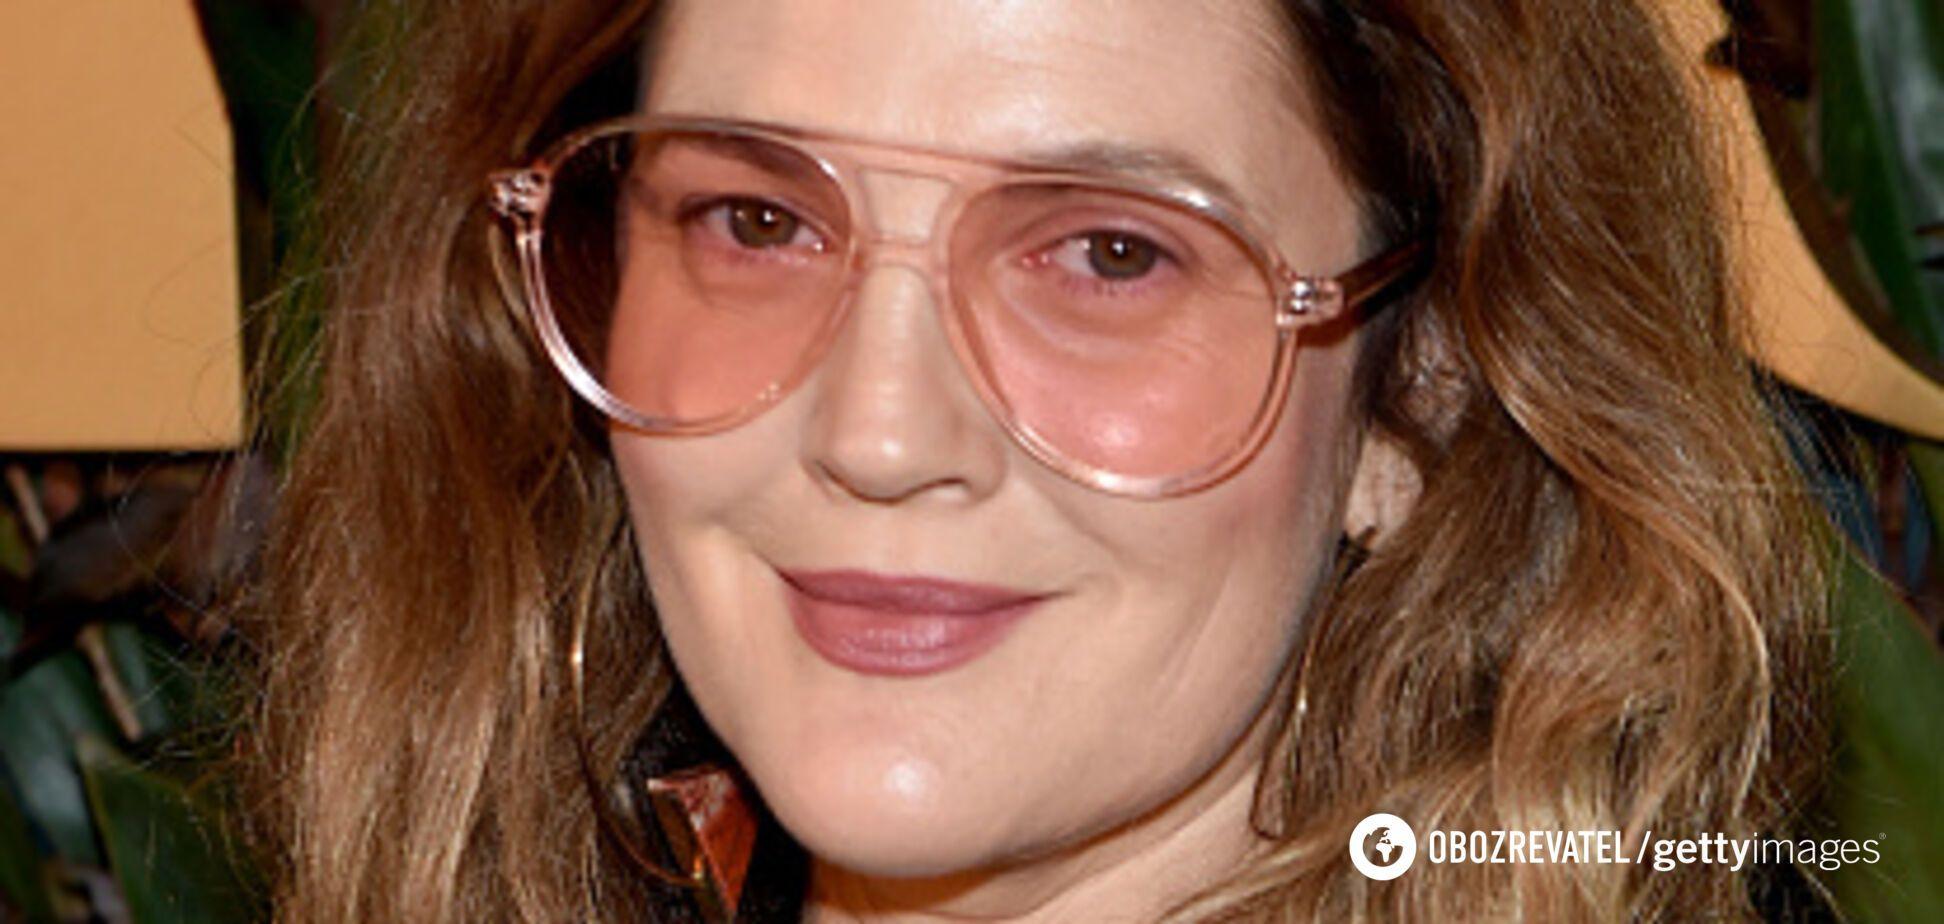 Відрослий манікюр і зім'ята сукня: голлівудська зірка осоромилася на червоній доріжці